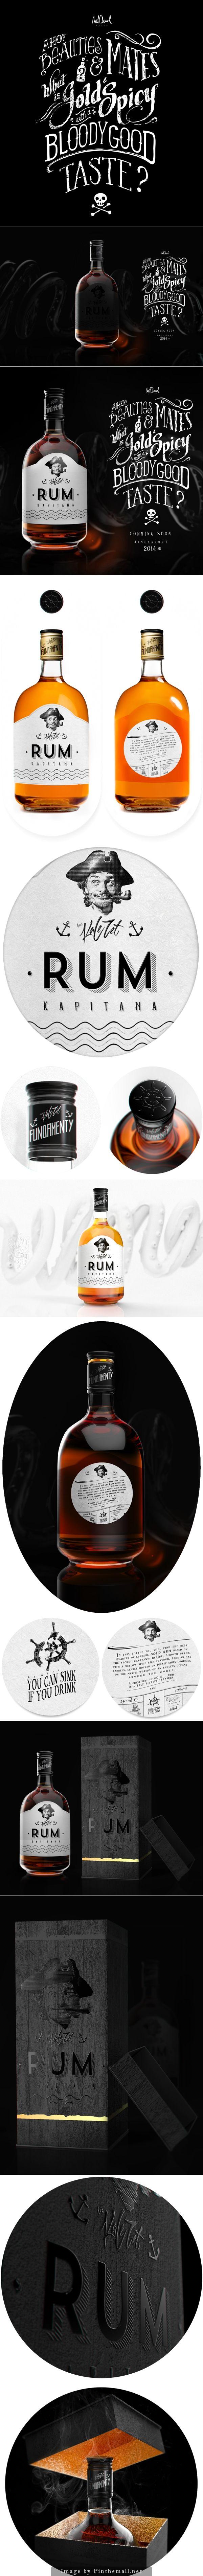 Branding Project: RUM by Mateusz Chmura